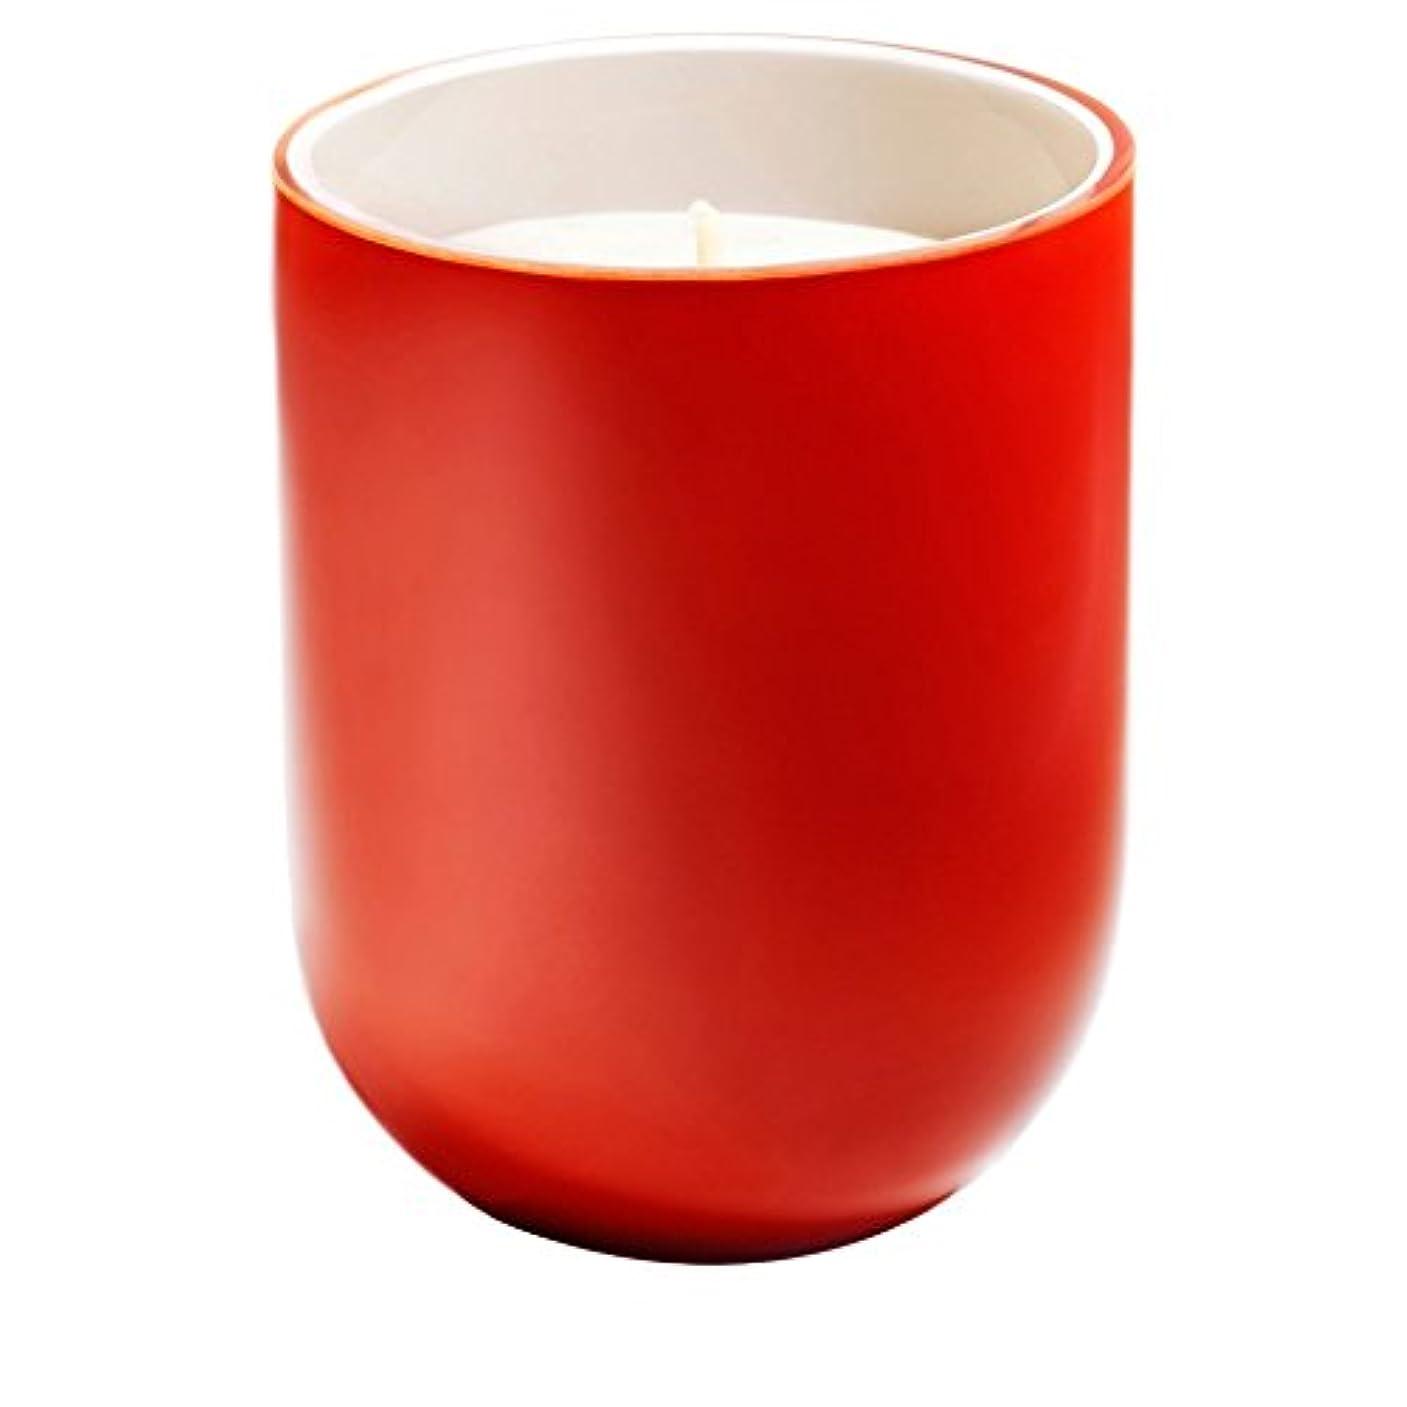 扇動エアコン不和Frederic Malle Un Gard?nia La Nuit Scented Candle (Pack of 4) - フレデリック?マル国連ガーデニア?ラ?ニュイ香りのキャンドル x4 [並行輸入品]